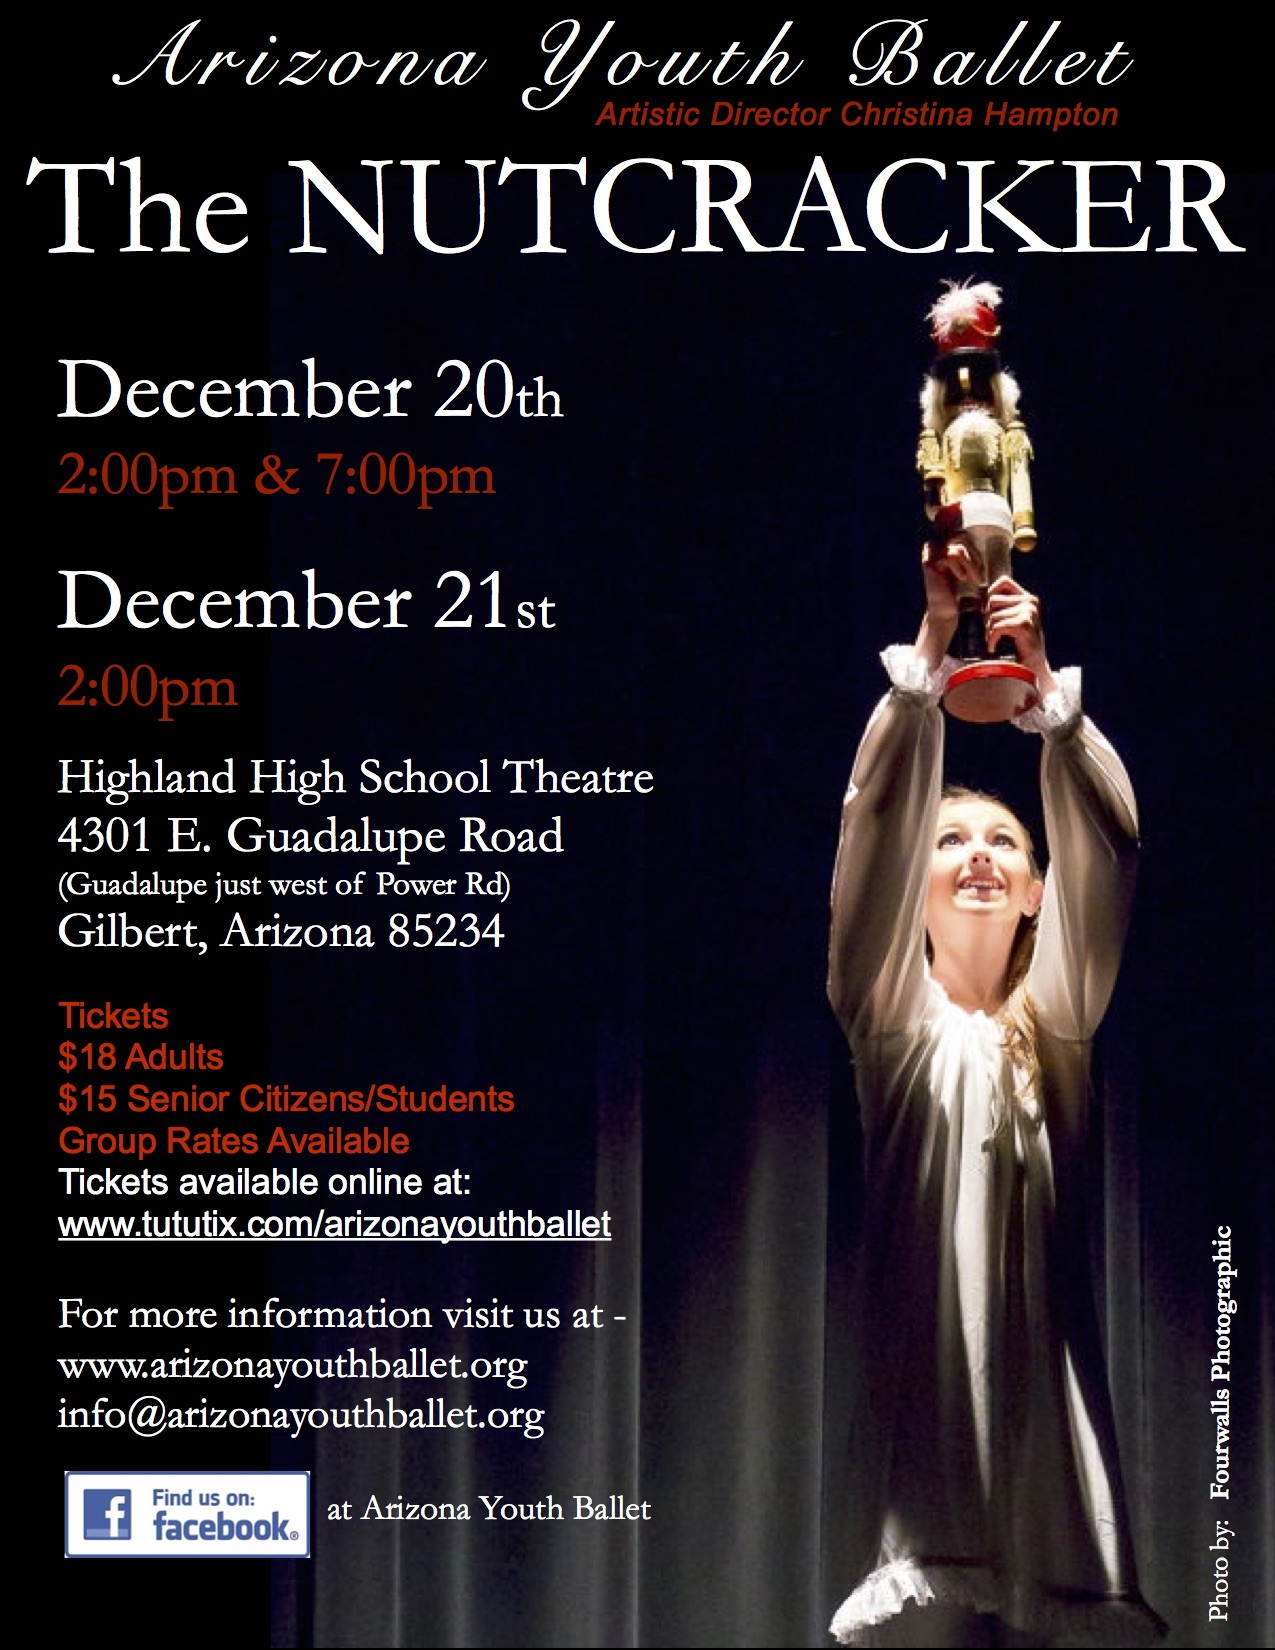 2014 Nutcracker